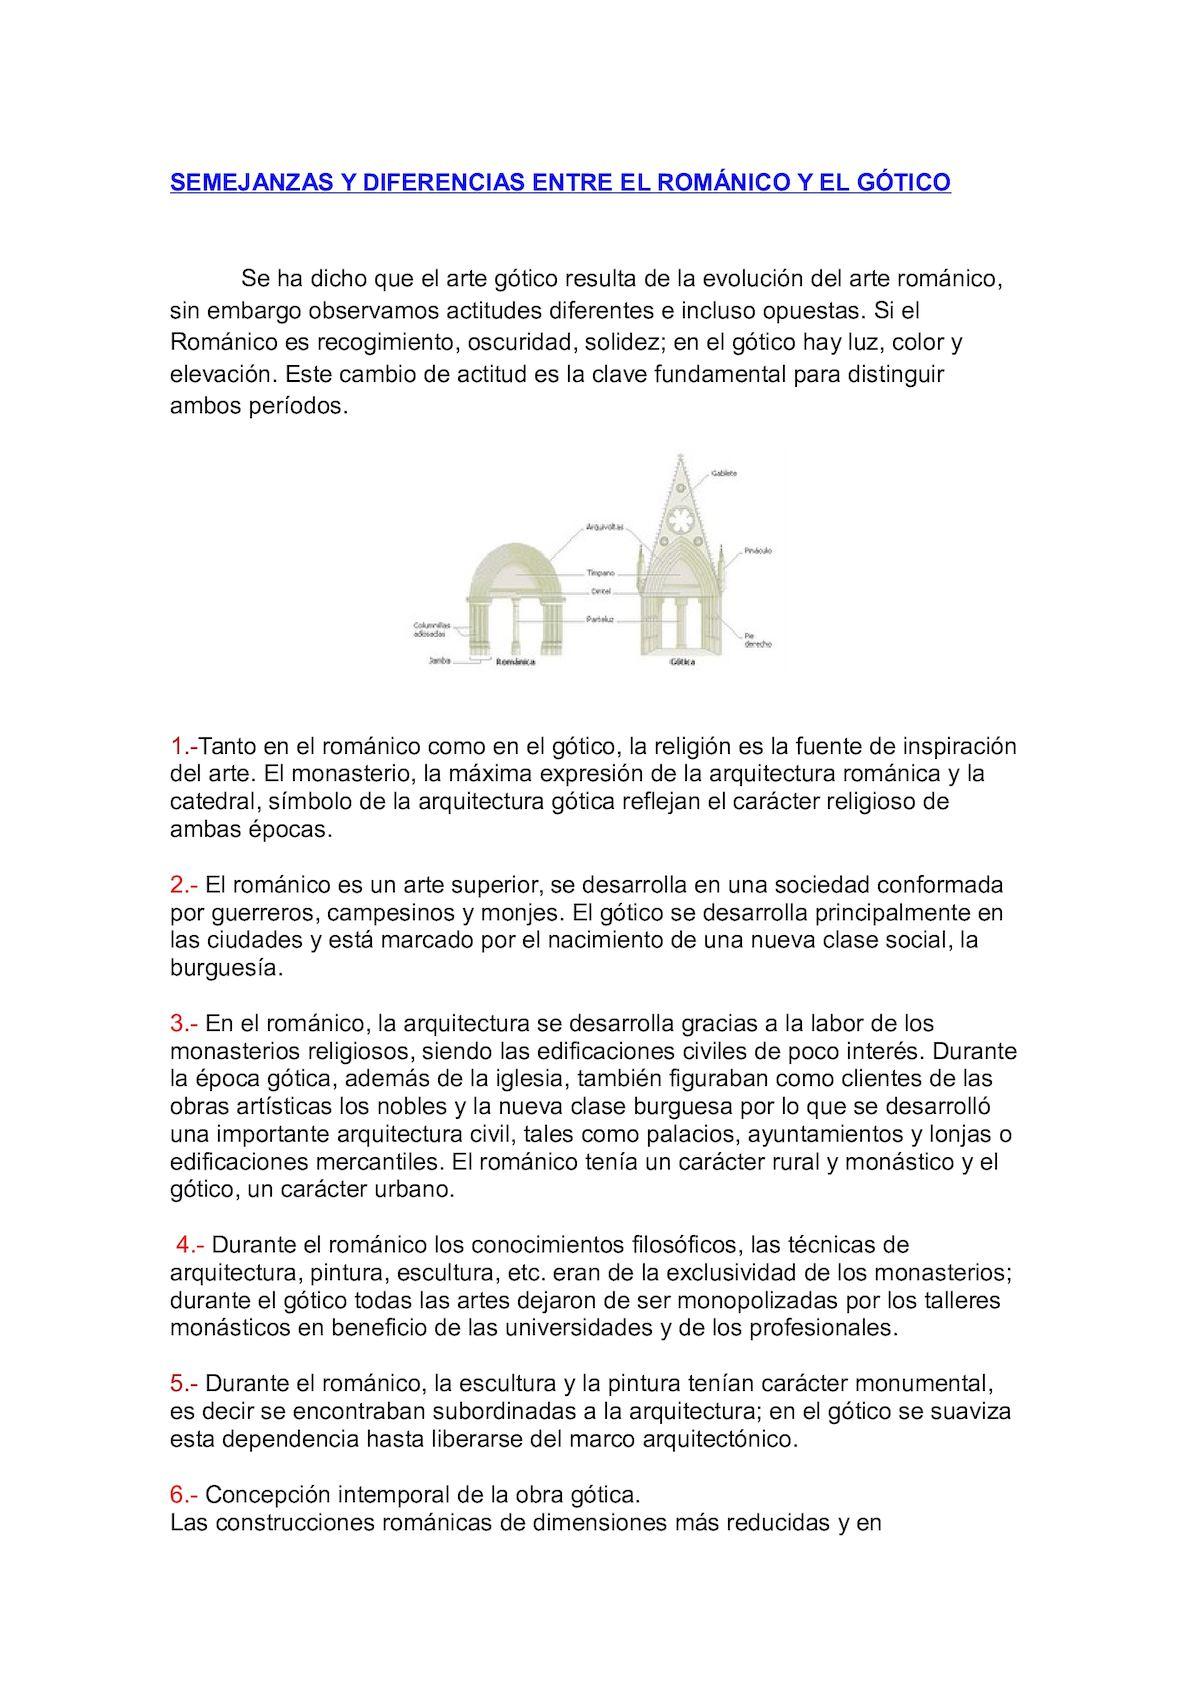 Calaméo Semejanzas Y Diferencias Entre El Románico Y El Gótico Definitivo